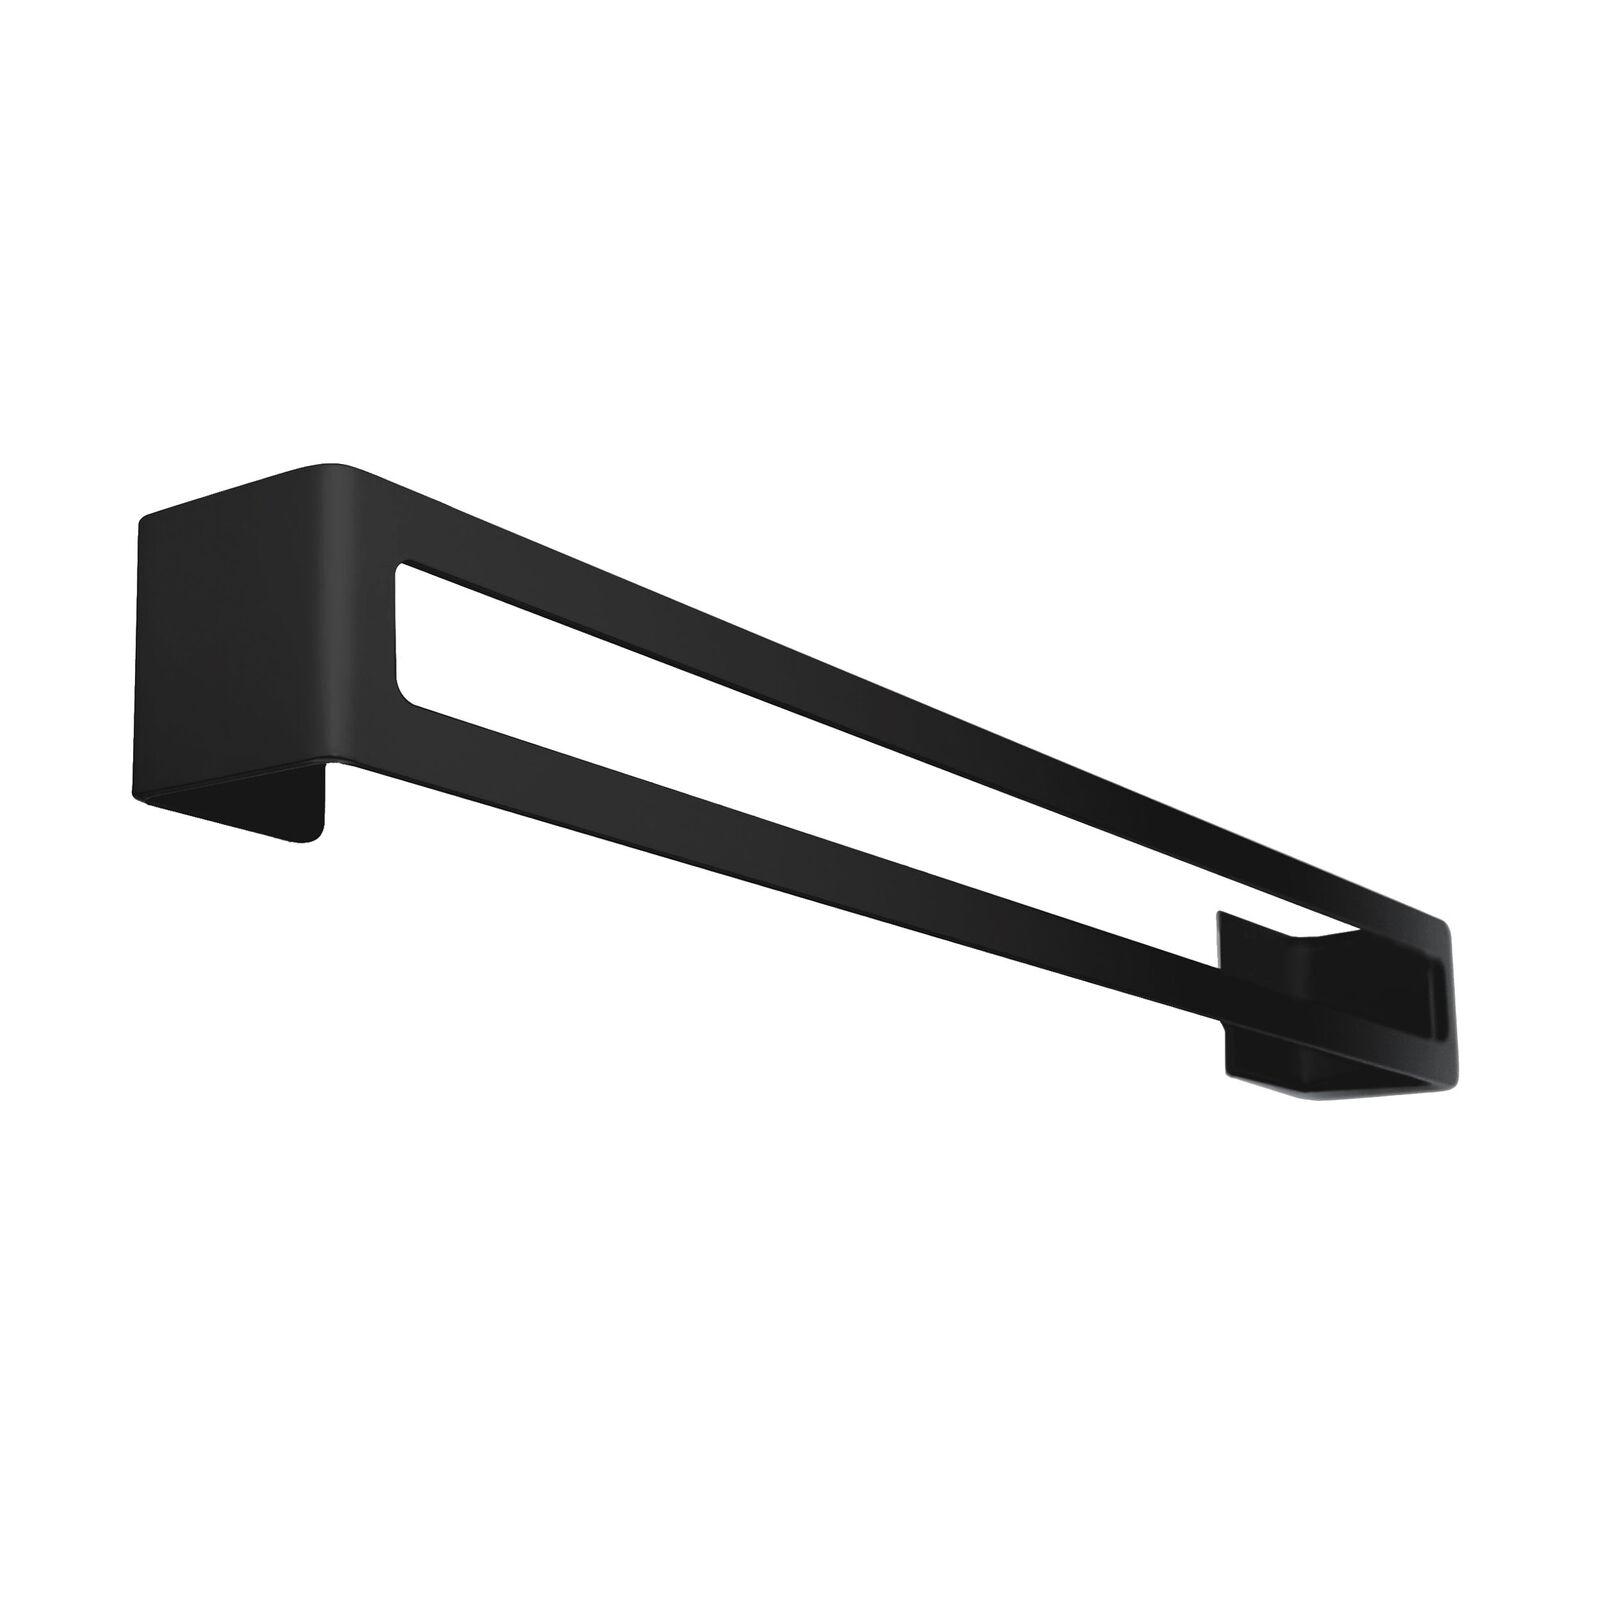 Radius Radius Puro Badetuchhalter schwarz matt zum Kleben schwarz matt 81 x 8 cm